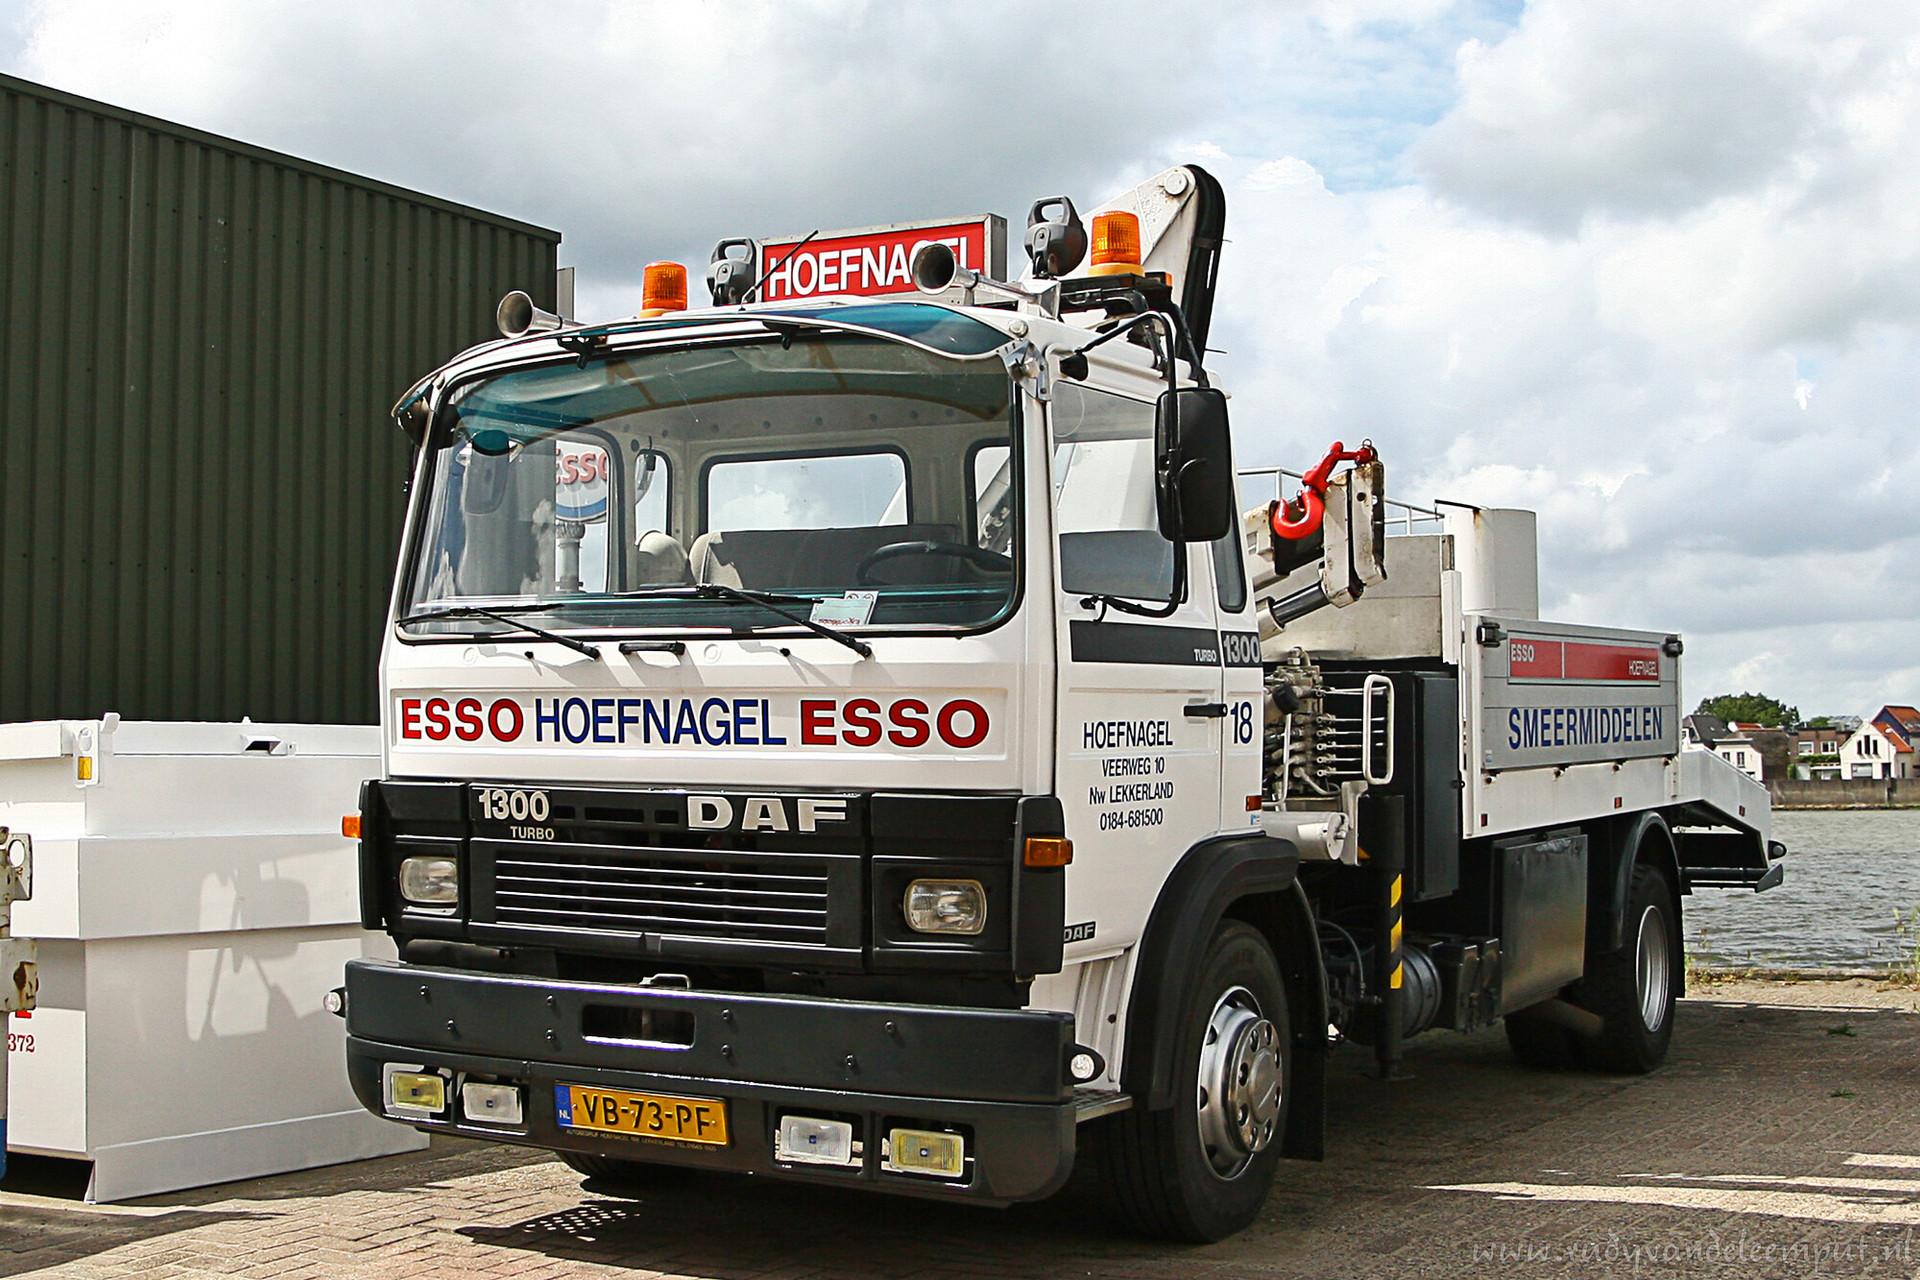 1988 | VB-73-PF | DAF 1300